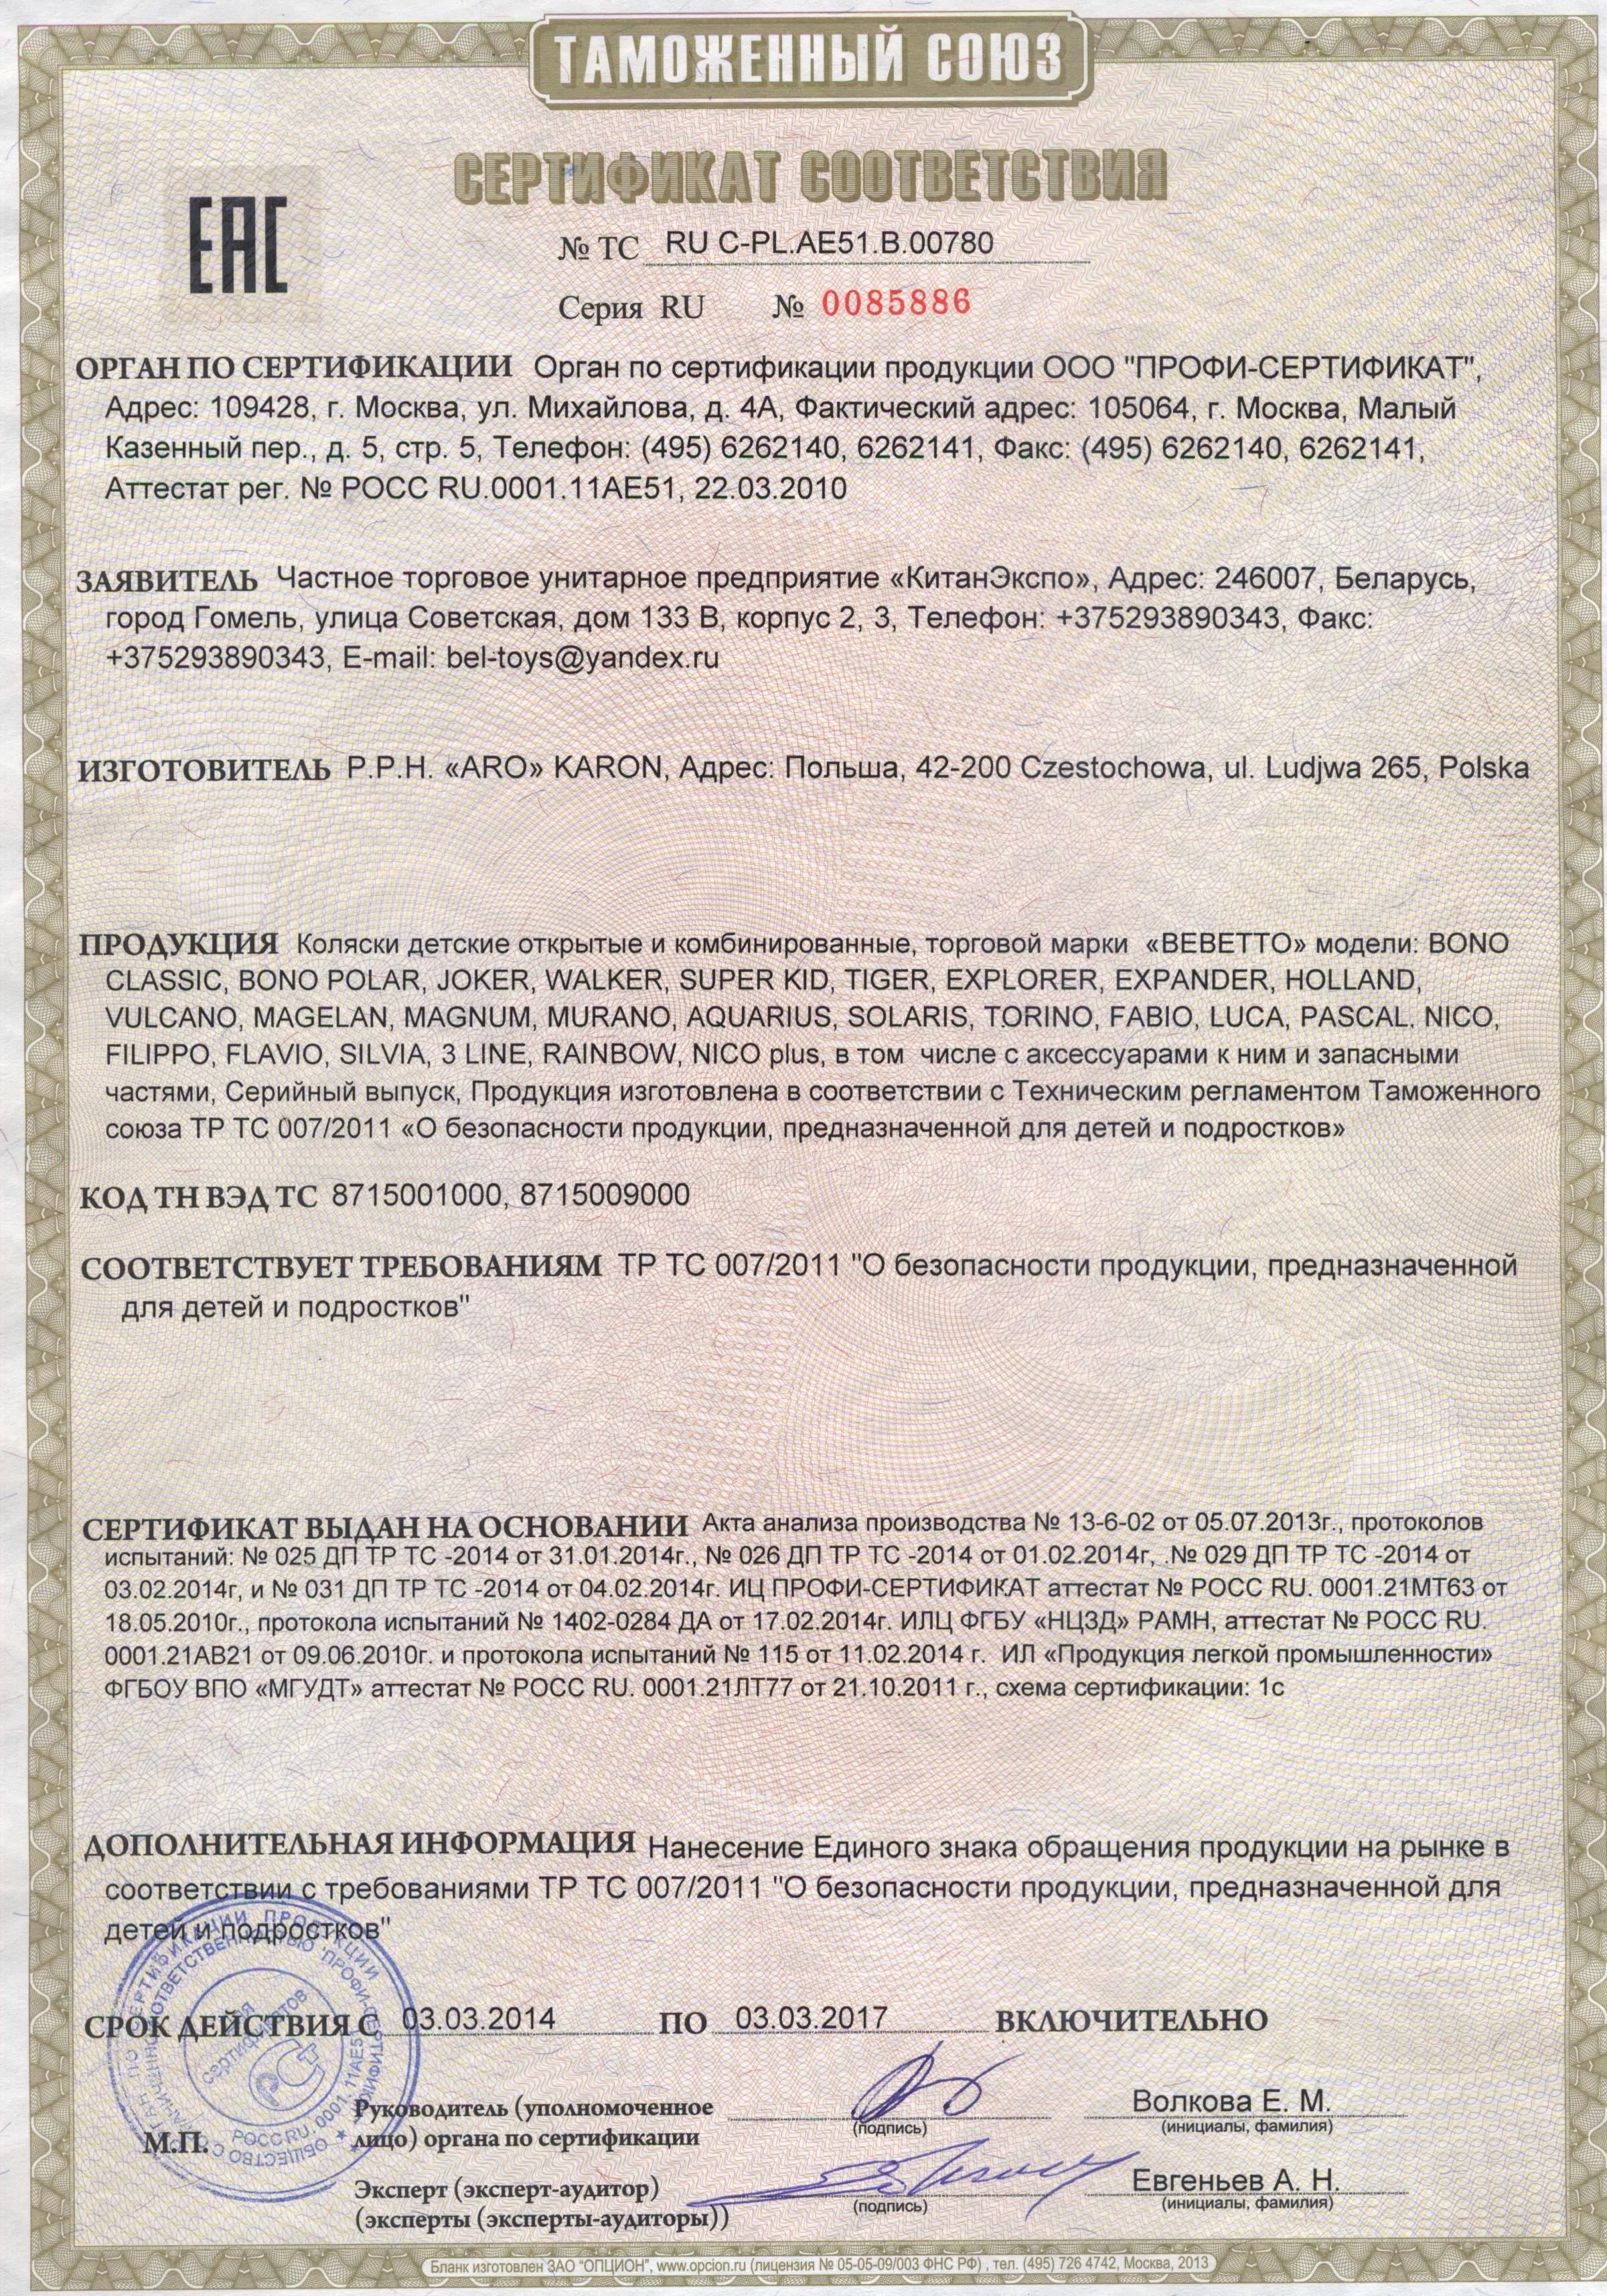 фото сертификата bebetto